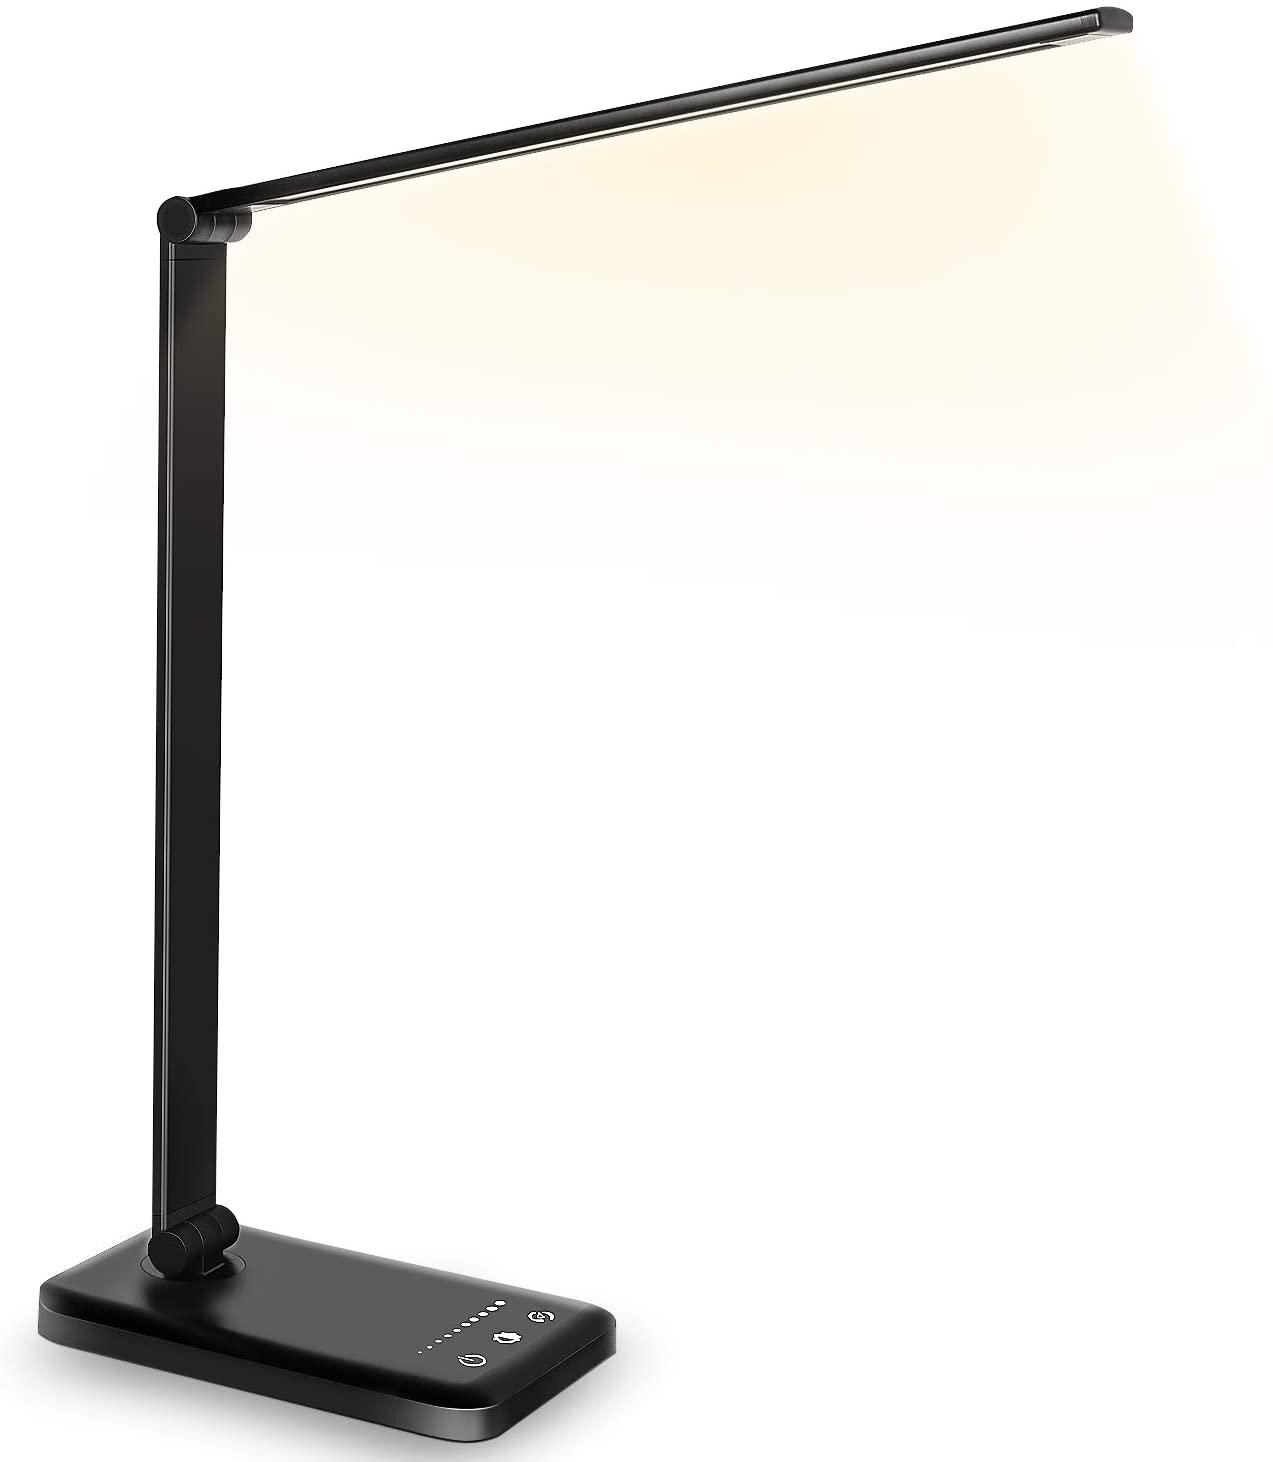 Lampada da scrivania con funzione di protezione degli occhi, 10 livelli di luminosità, 5 modalità di illuminazione e porta di ricarica USB